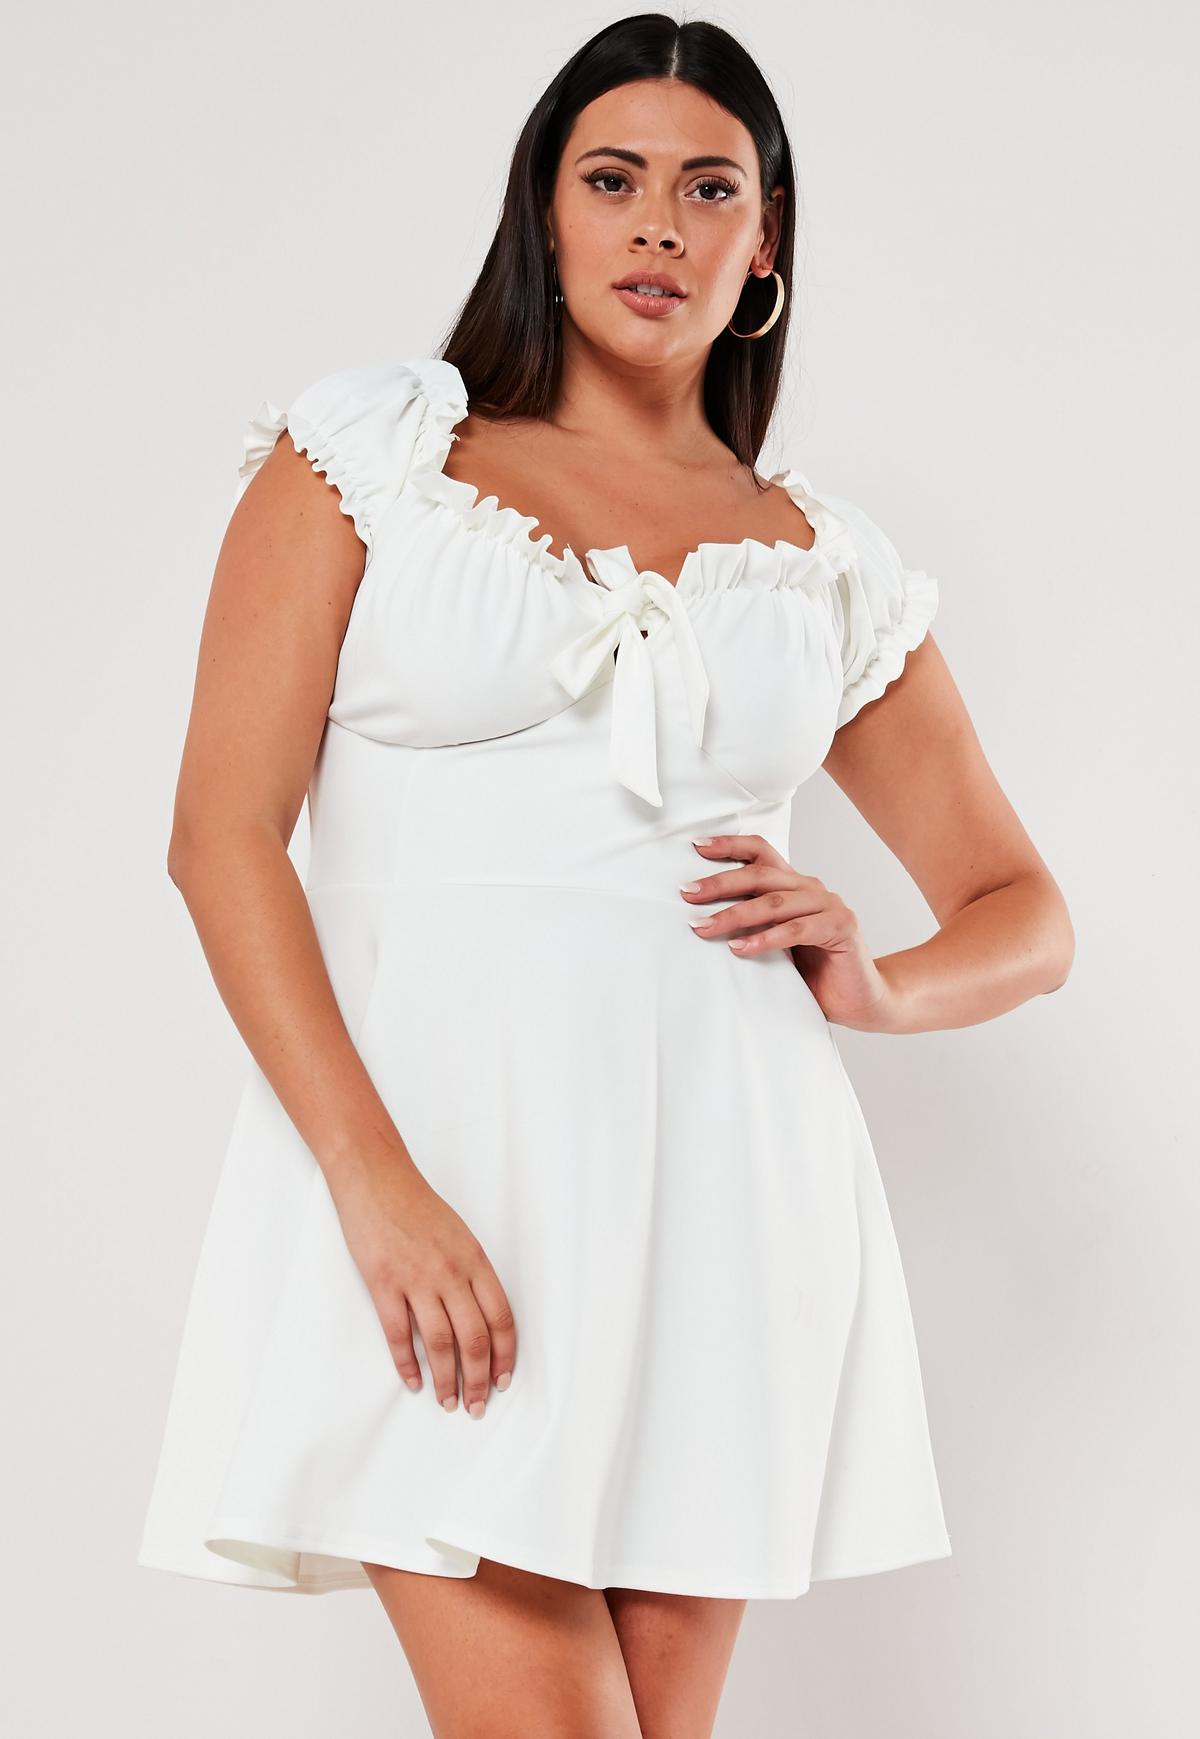 Azazie Eudora BG Wedding Dresses | Azazie in 2020 | Plus